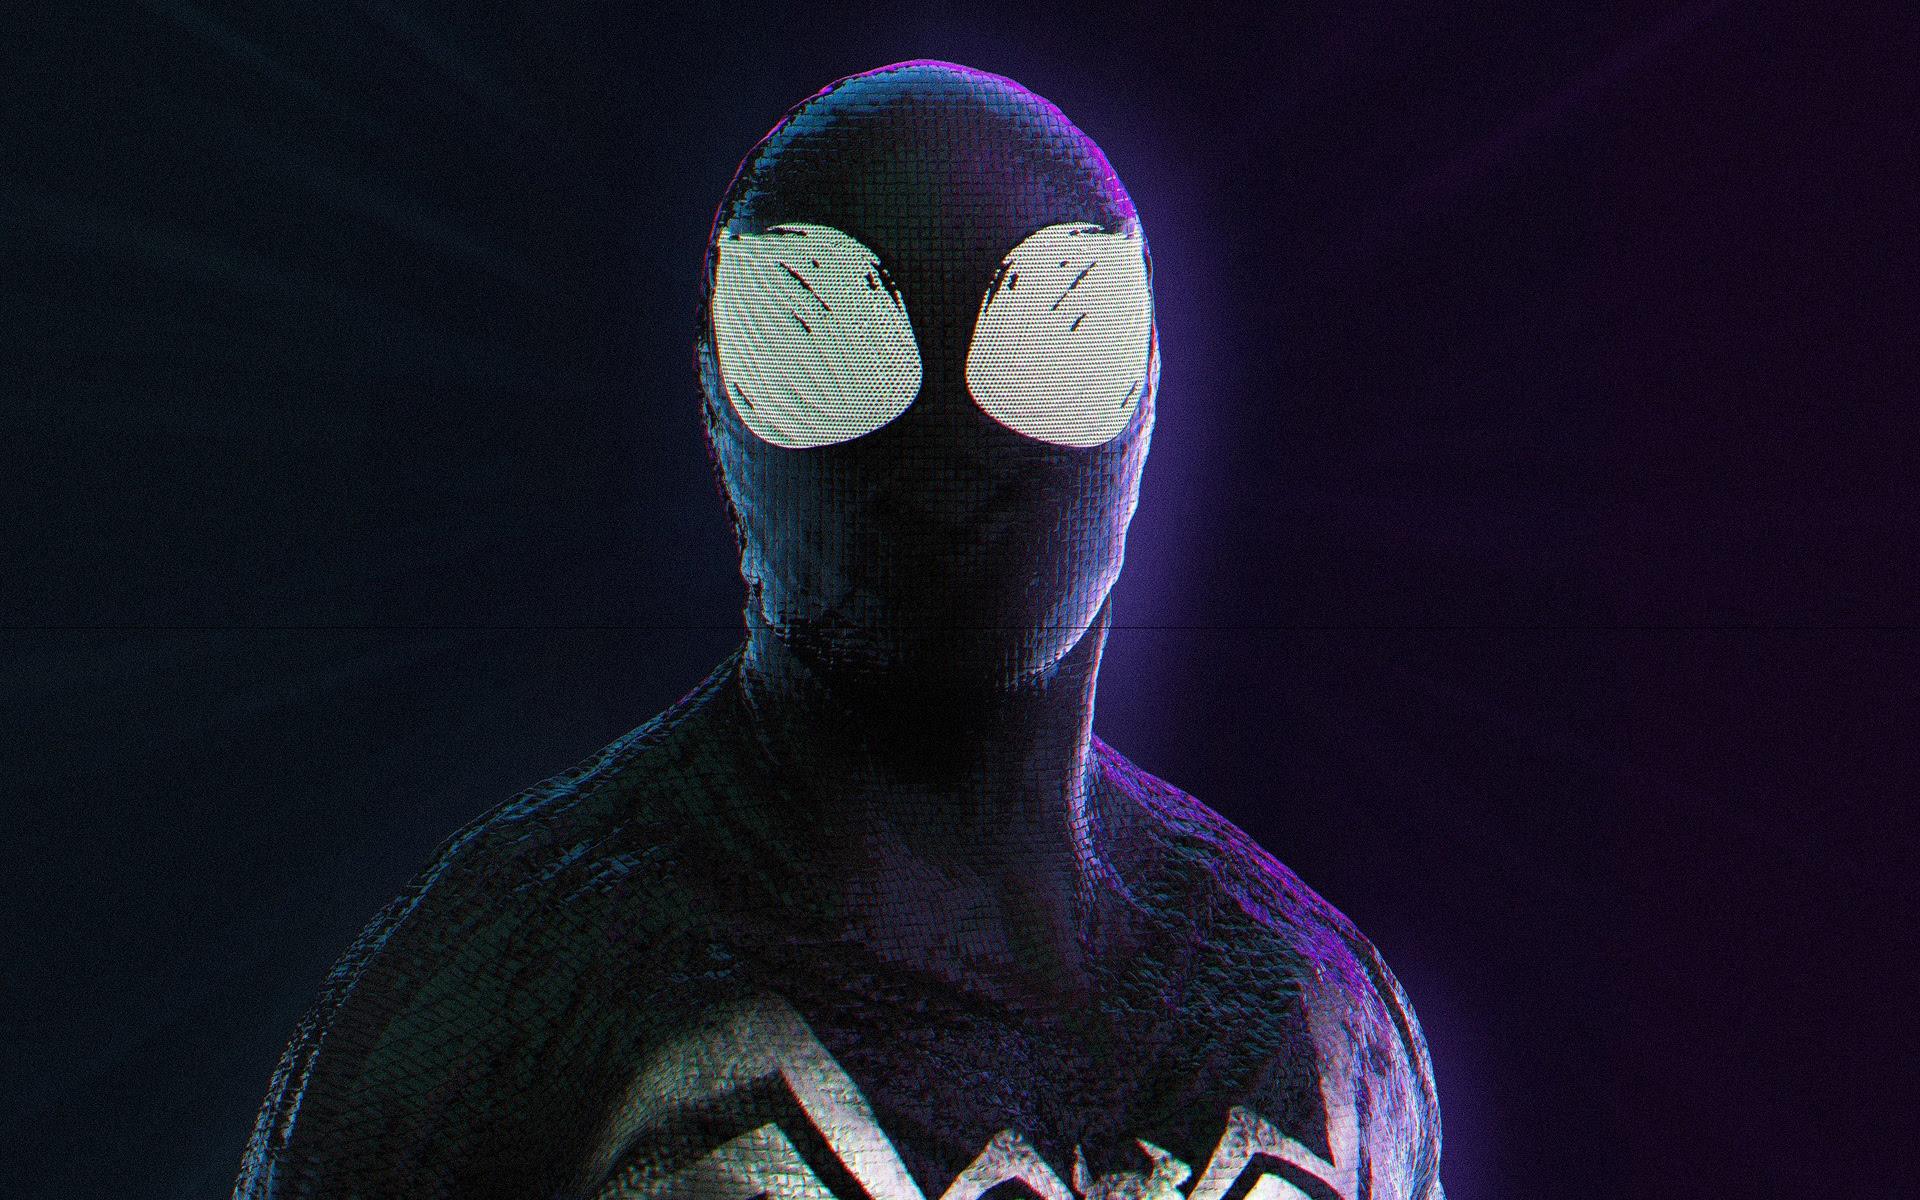 Spiderman Alien Suit Wallpapers Hd Wallpapers